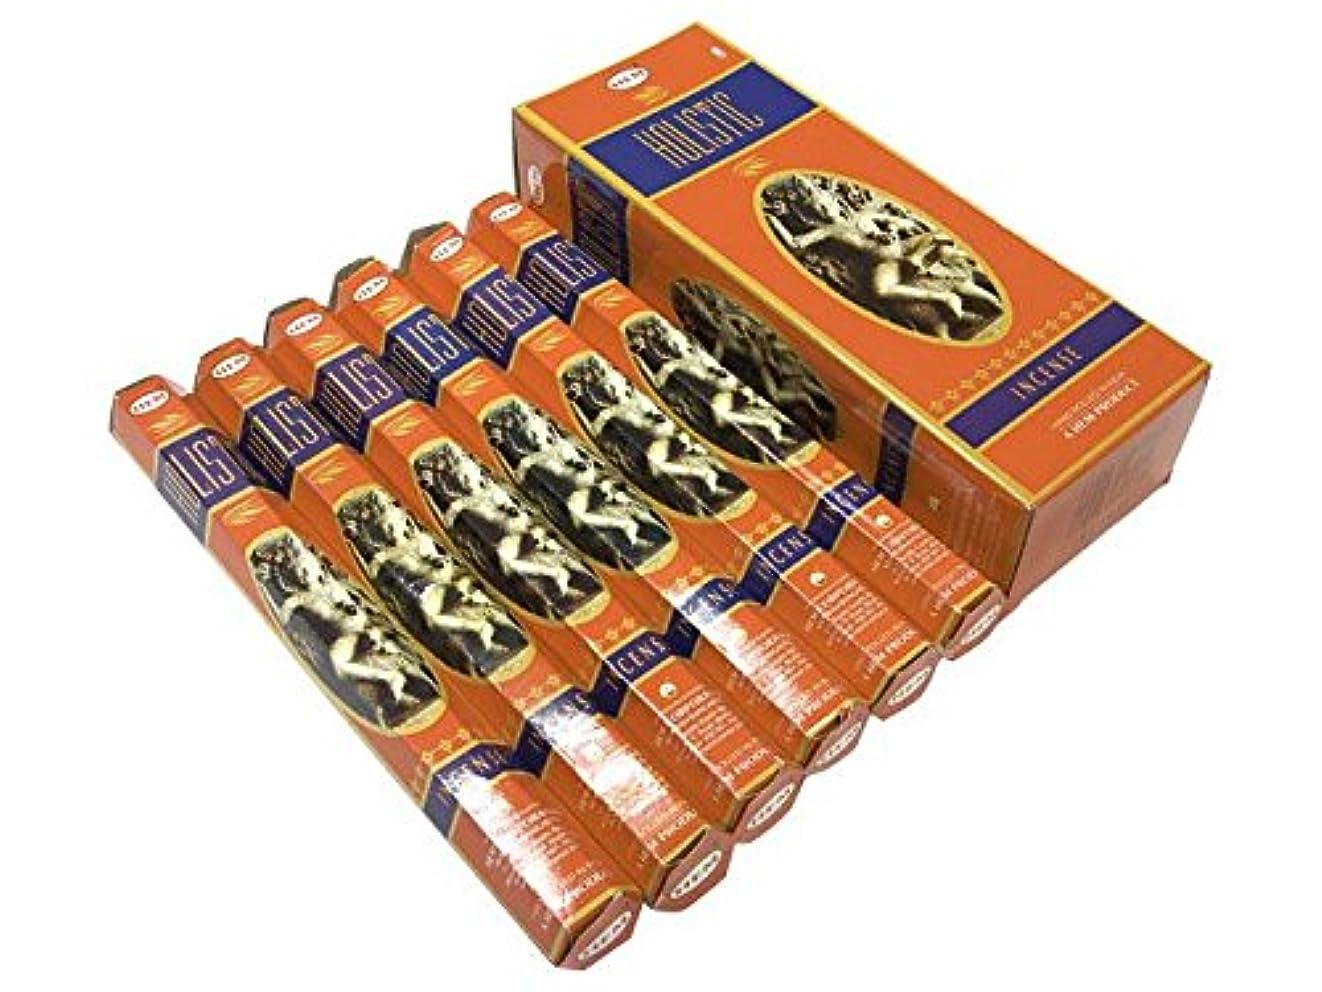 恐ろしいです稚魚あらゆる種類のHEM(ヘム)社 ホリスティック香 スティック HOLISTIC 6箱セット